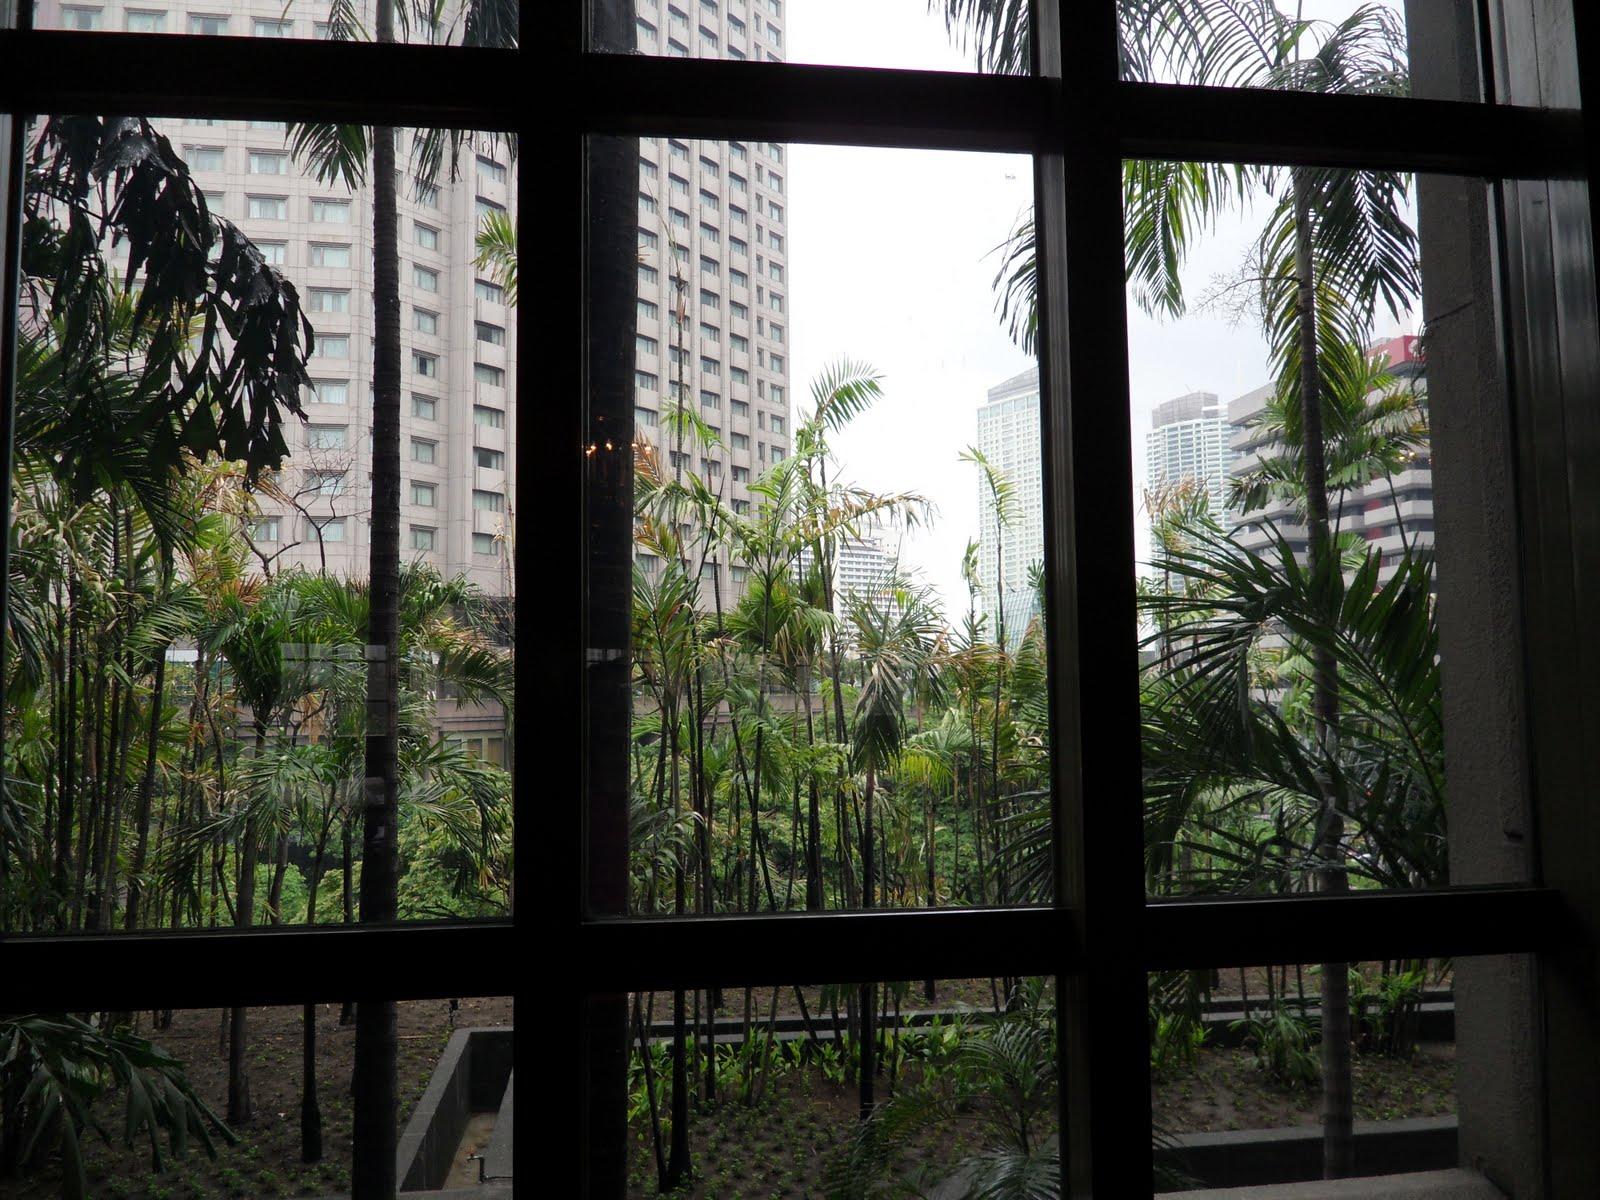 image Pillados desde la ventana de casa